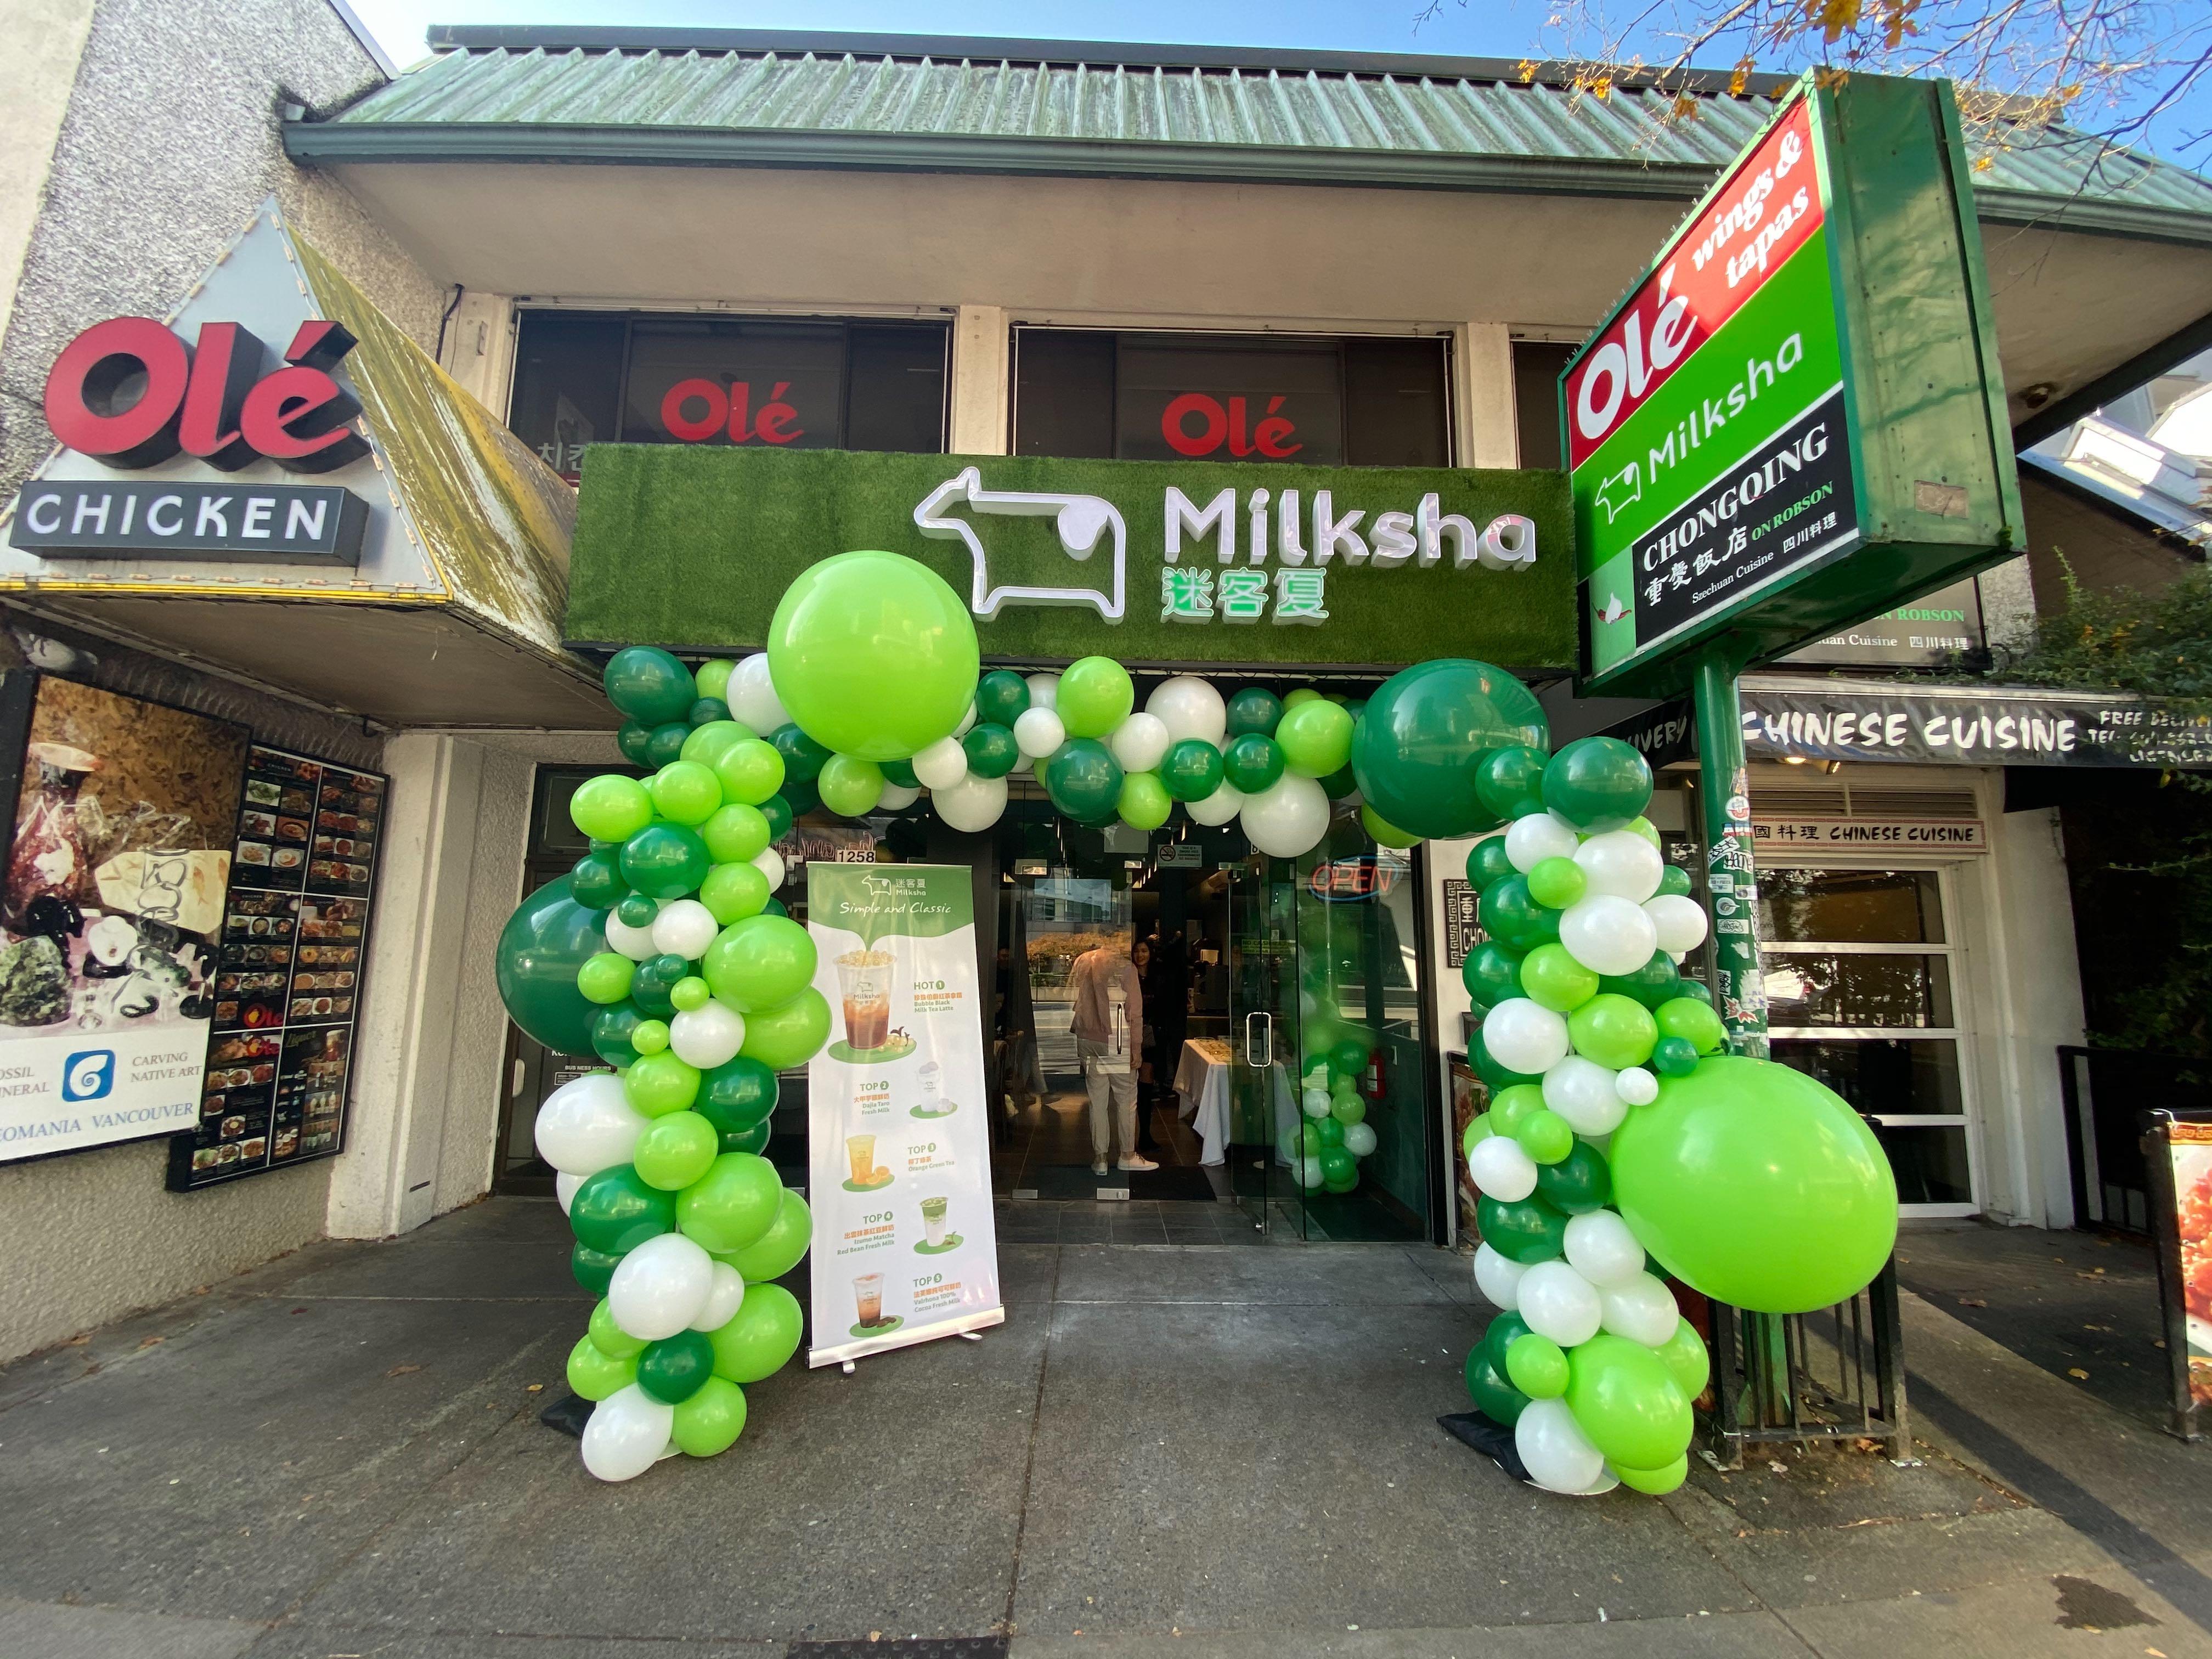 Milksha Line